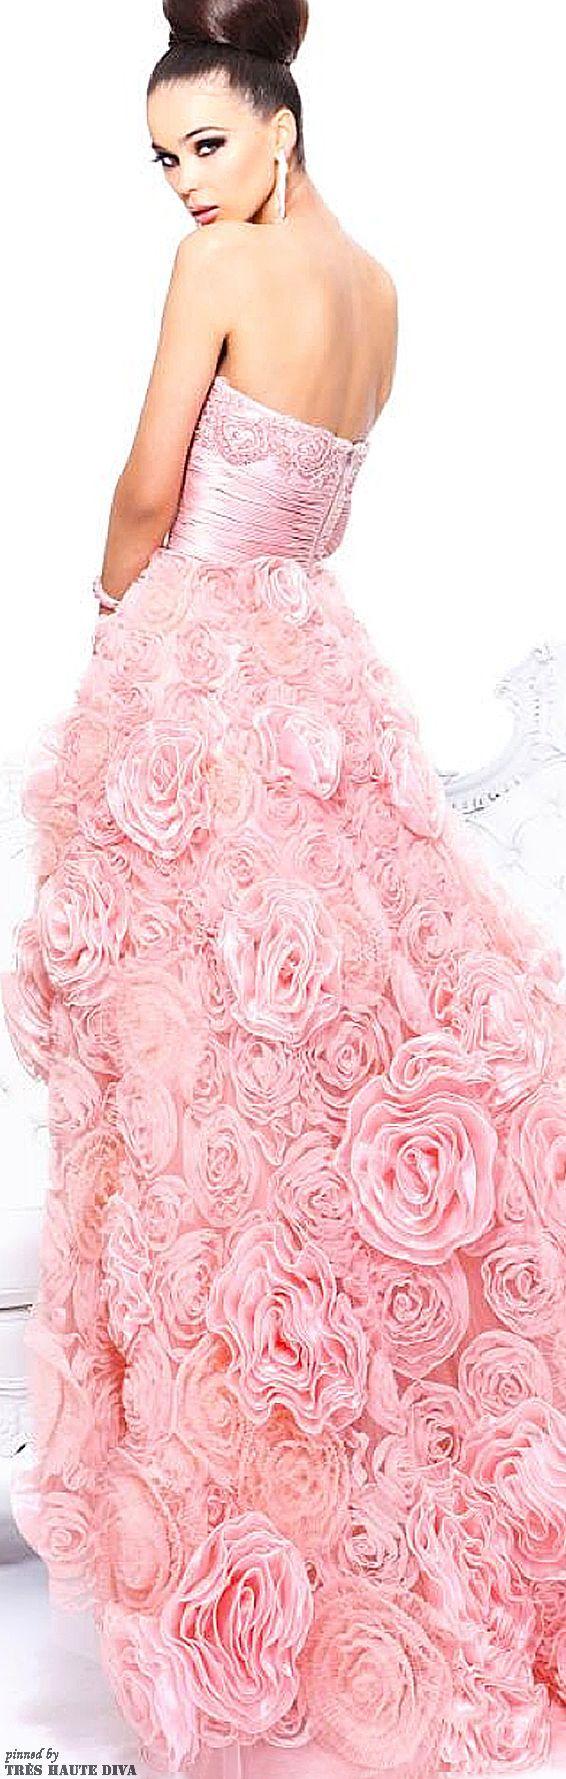 Sherri Hill Fall 2013 - an amazing gown!   Fashion Favs ♥)